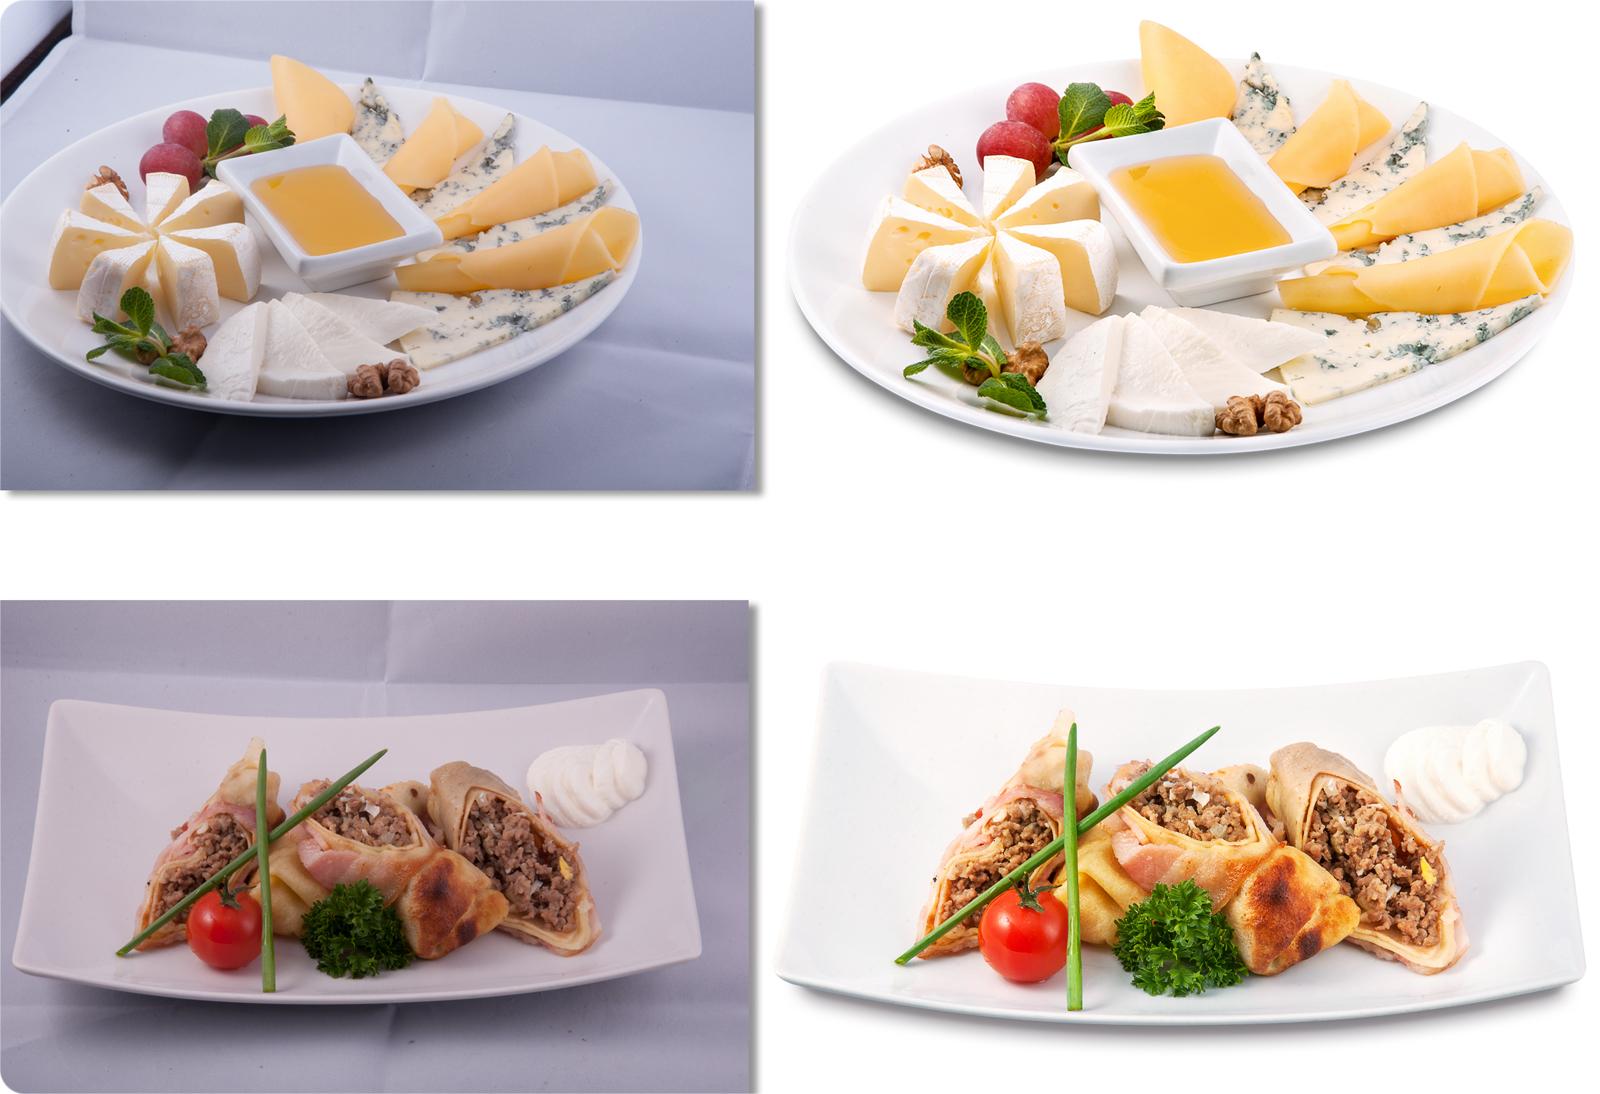 Обработка фото ресторанных блюд